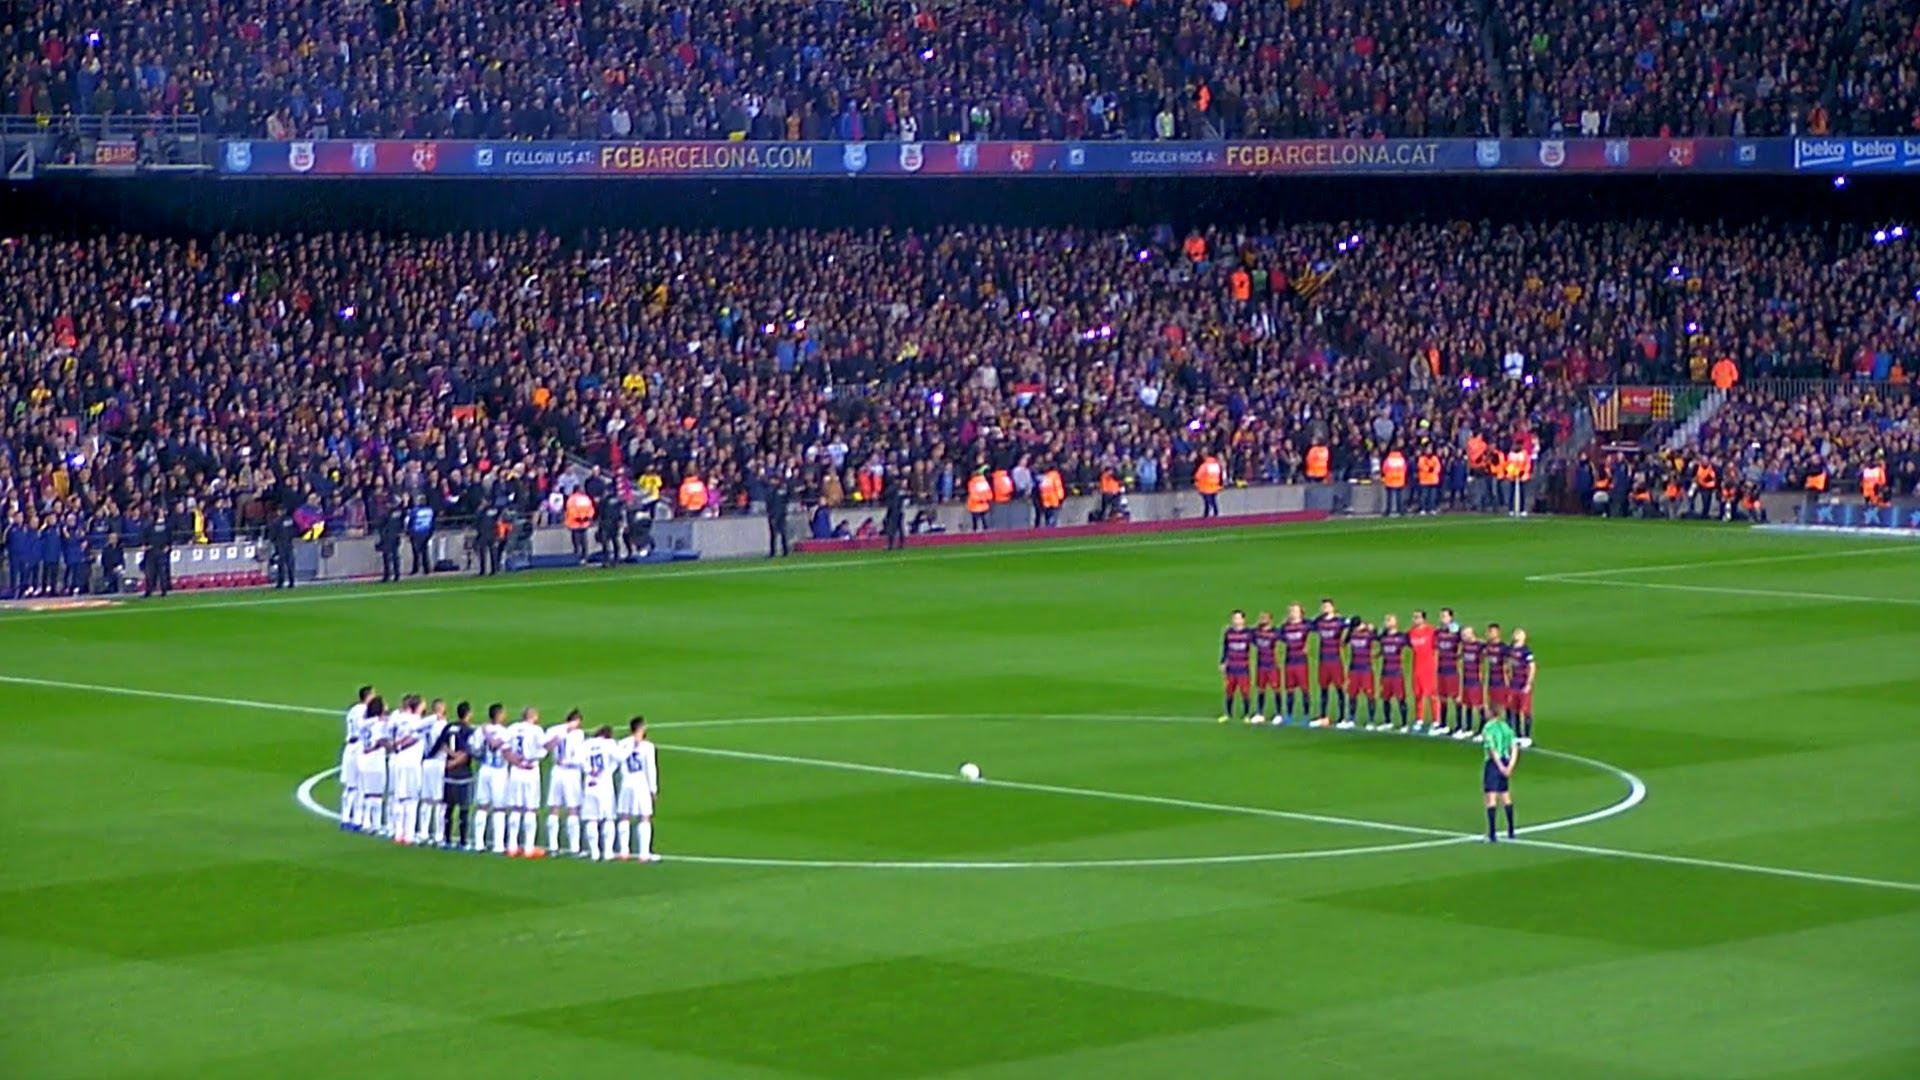 ثمن ريال+برشلونة = كل أندية الليجا الأخرى